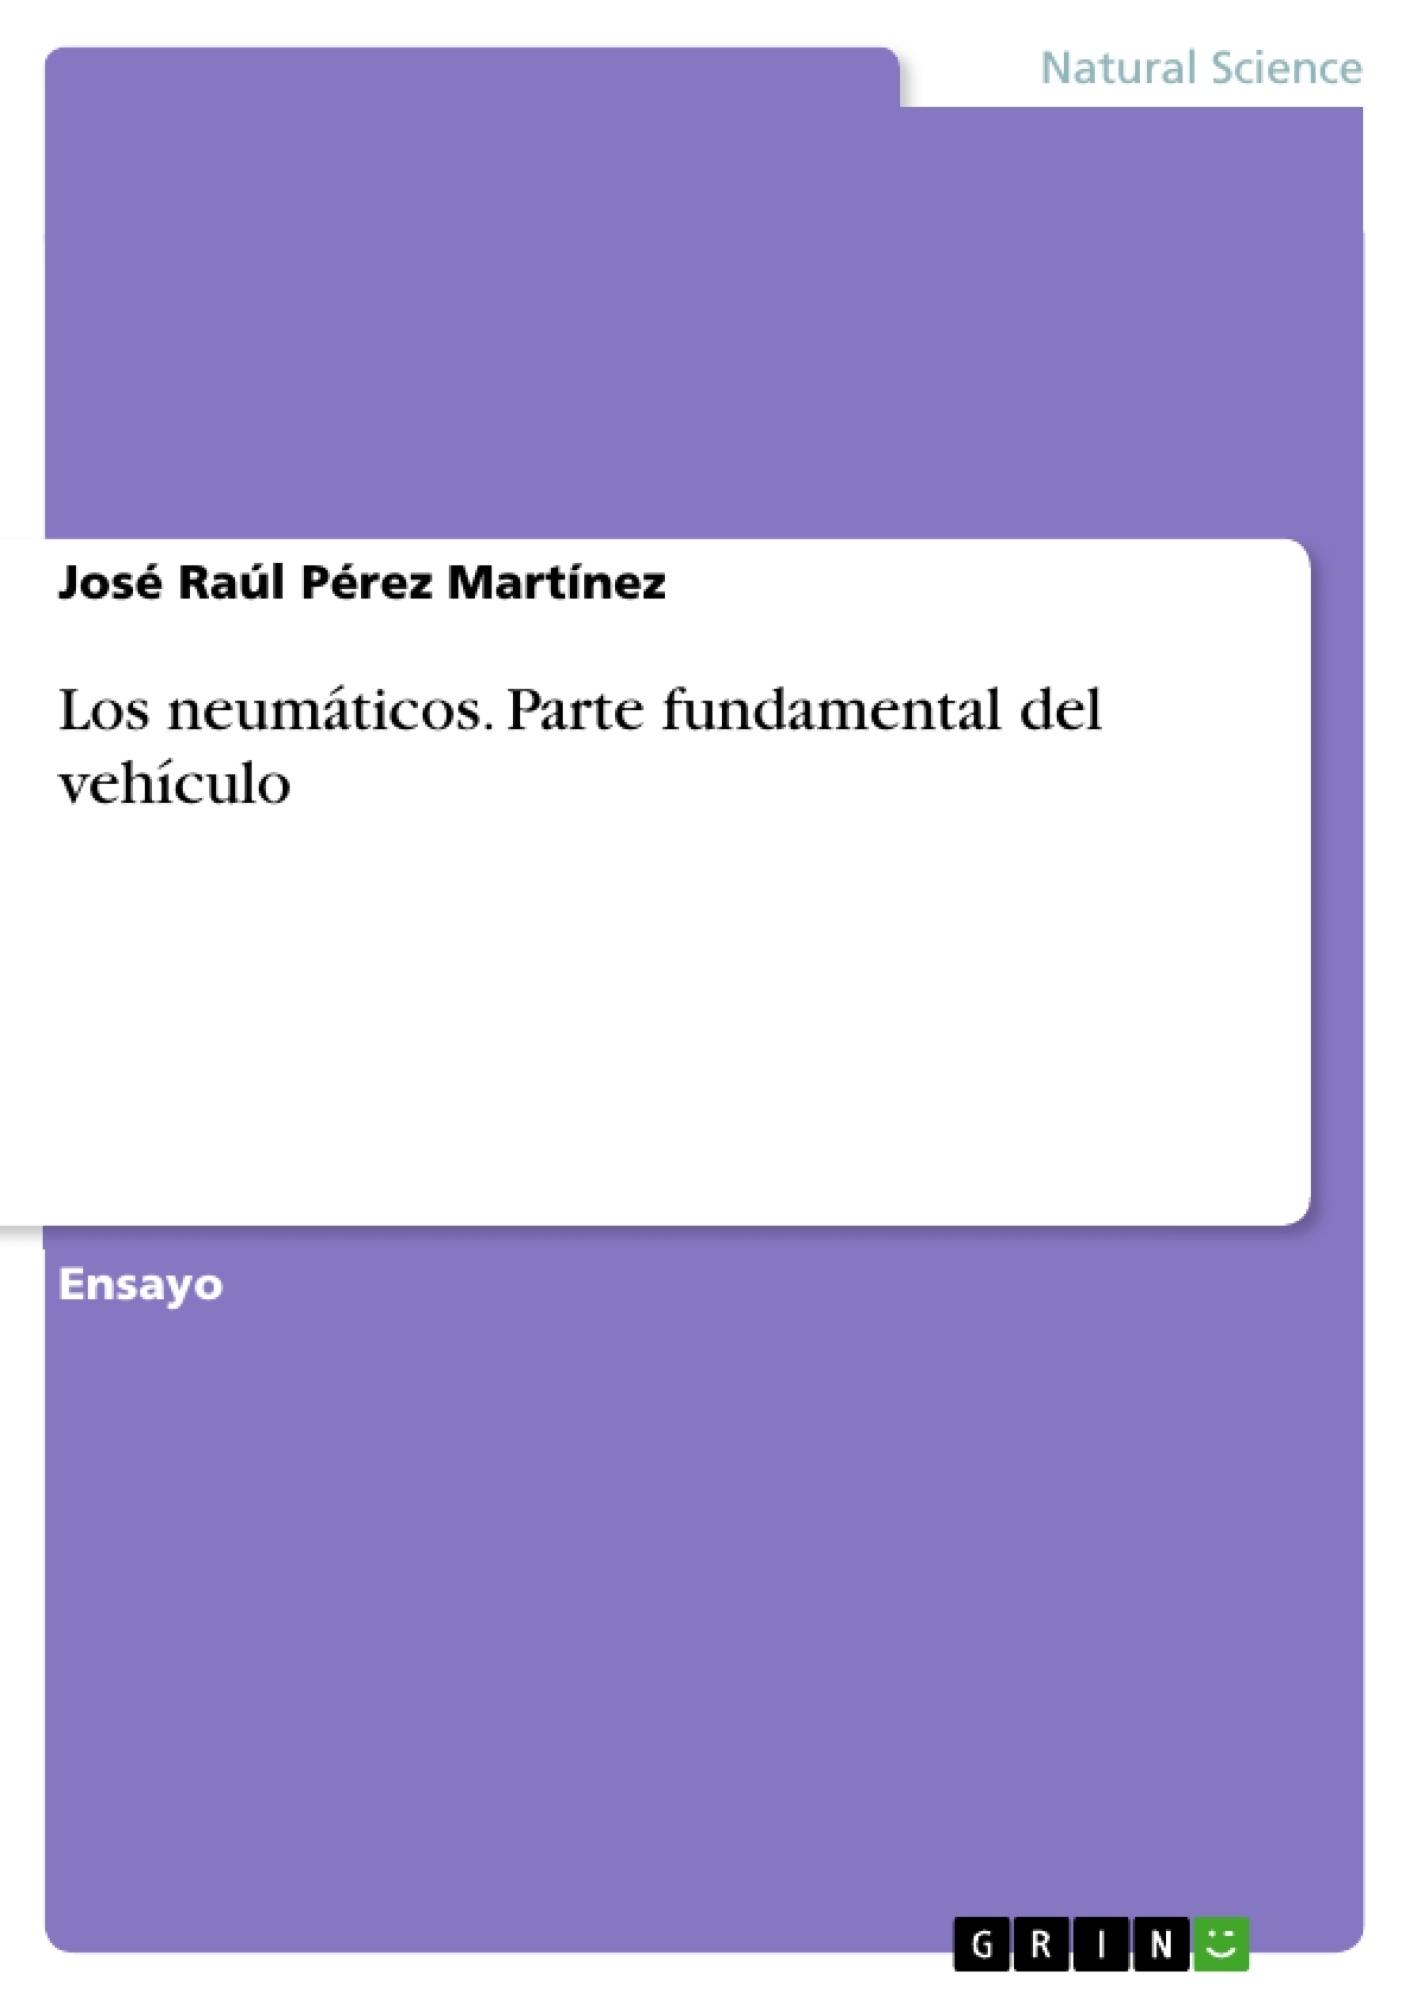 Título: Los neumáticos. Parte fundamental del vehículo